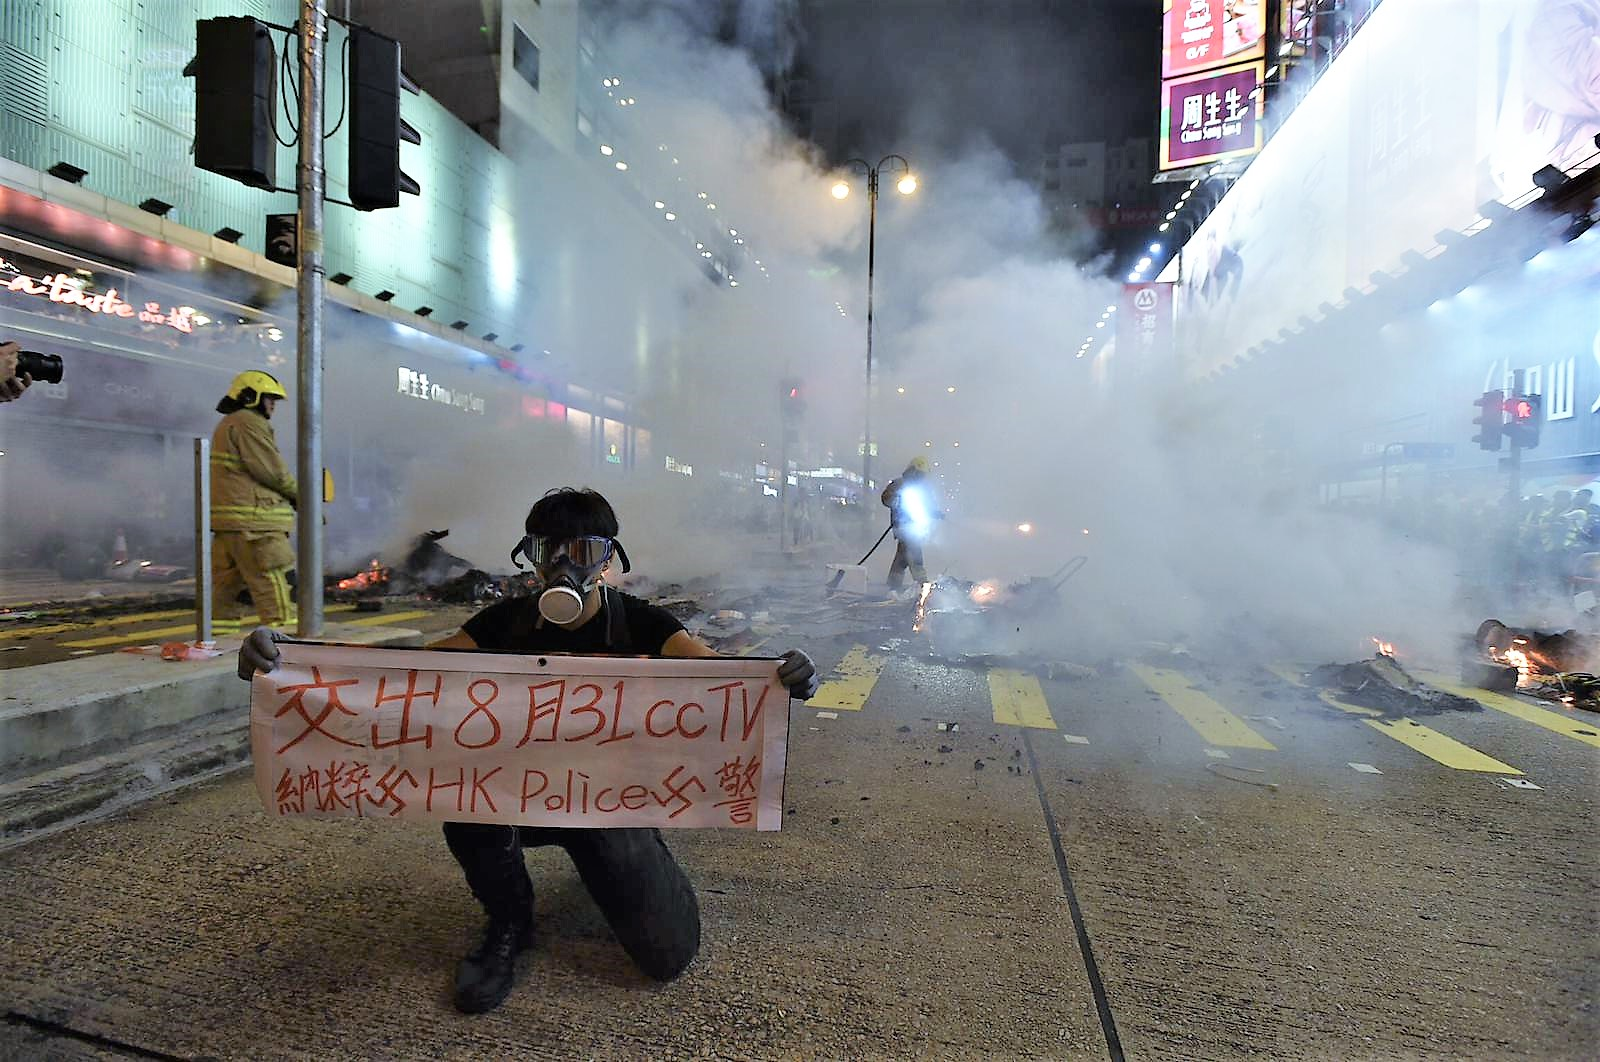 【修例風波】政府譴責違法者的暴力及破壞行為